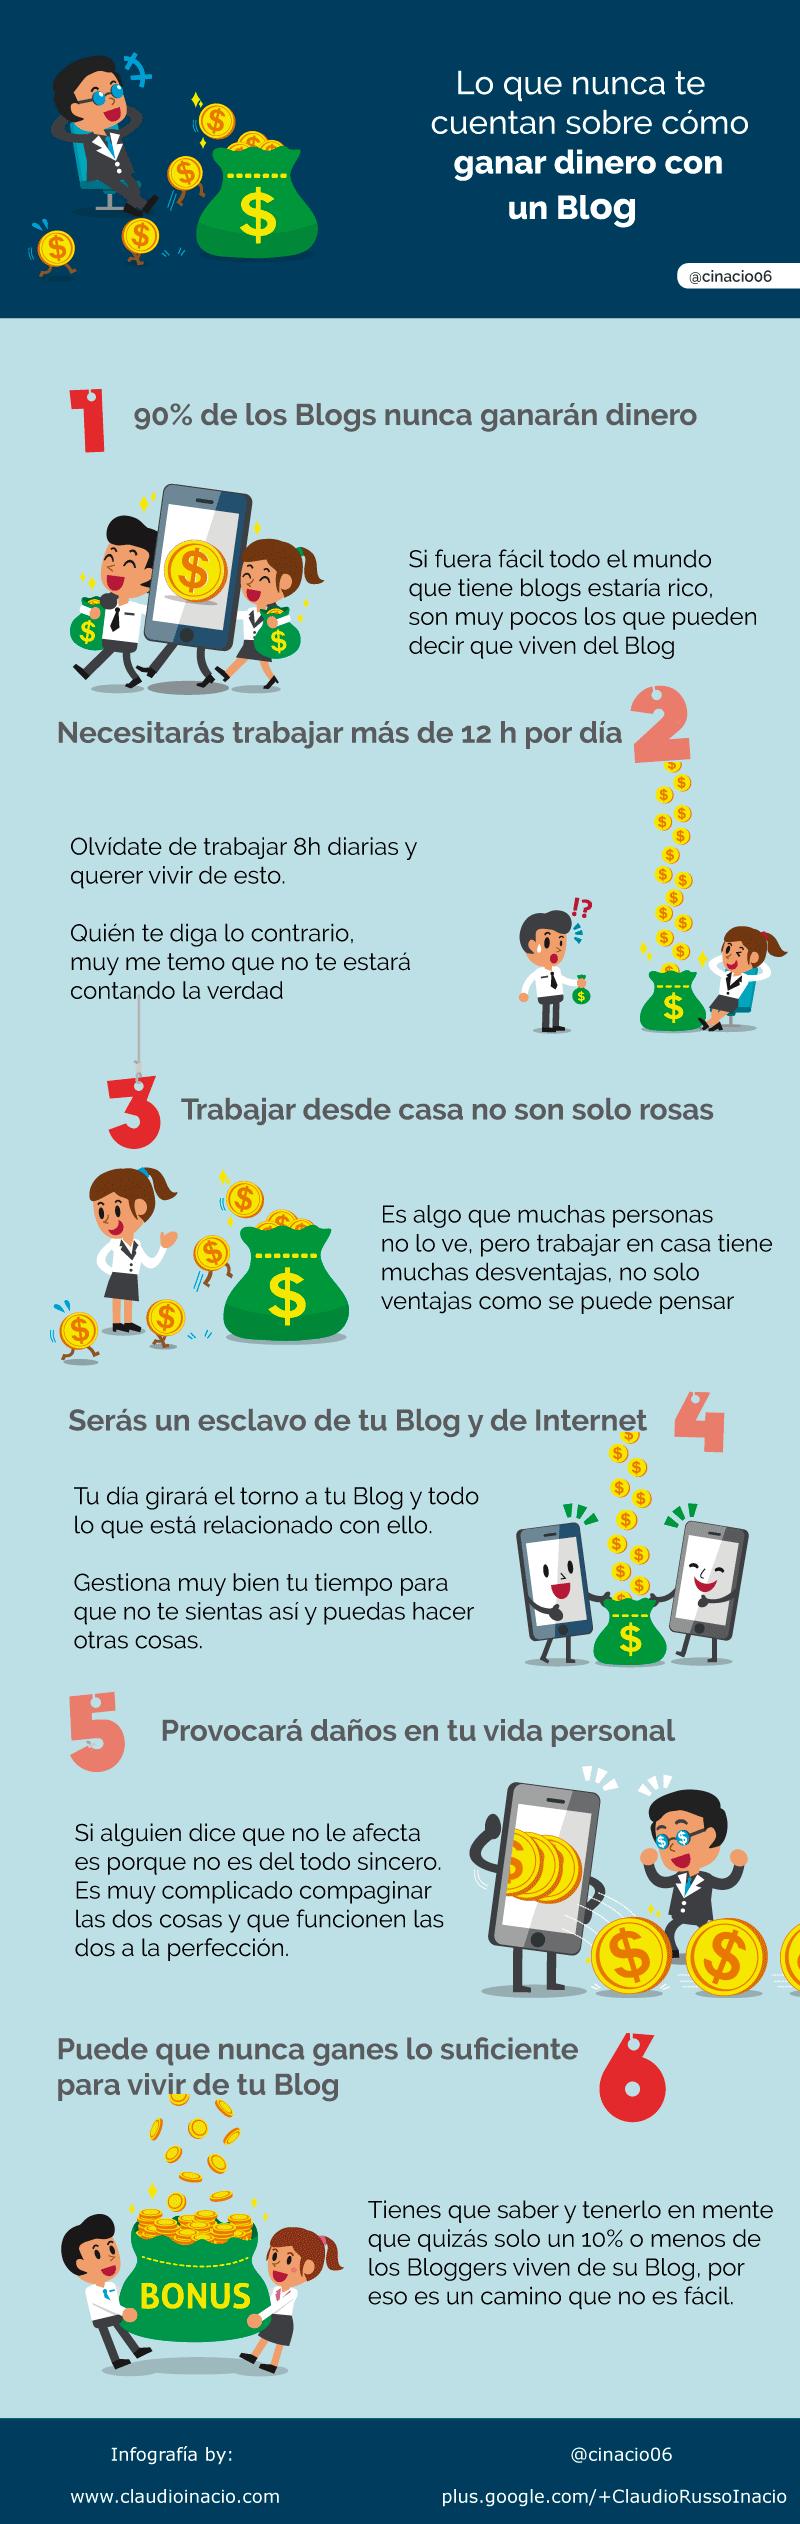 Lo que nunca te cuentan sobre cómo ganar dinero con un Blog #infografia #socialmedia